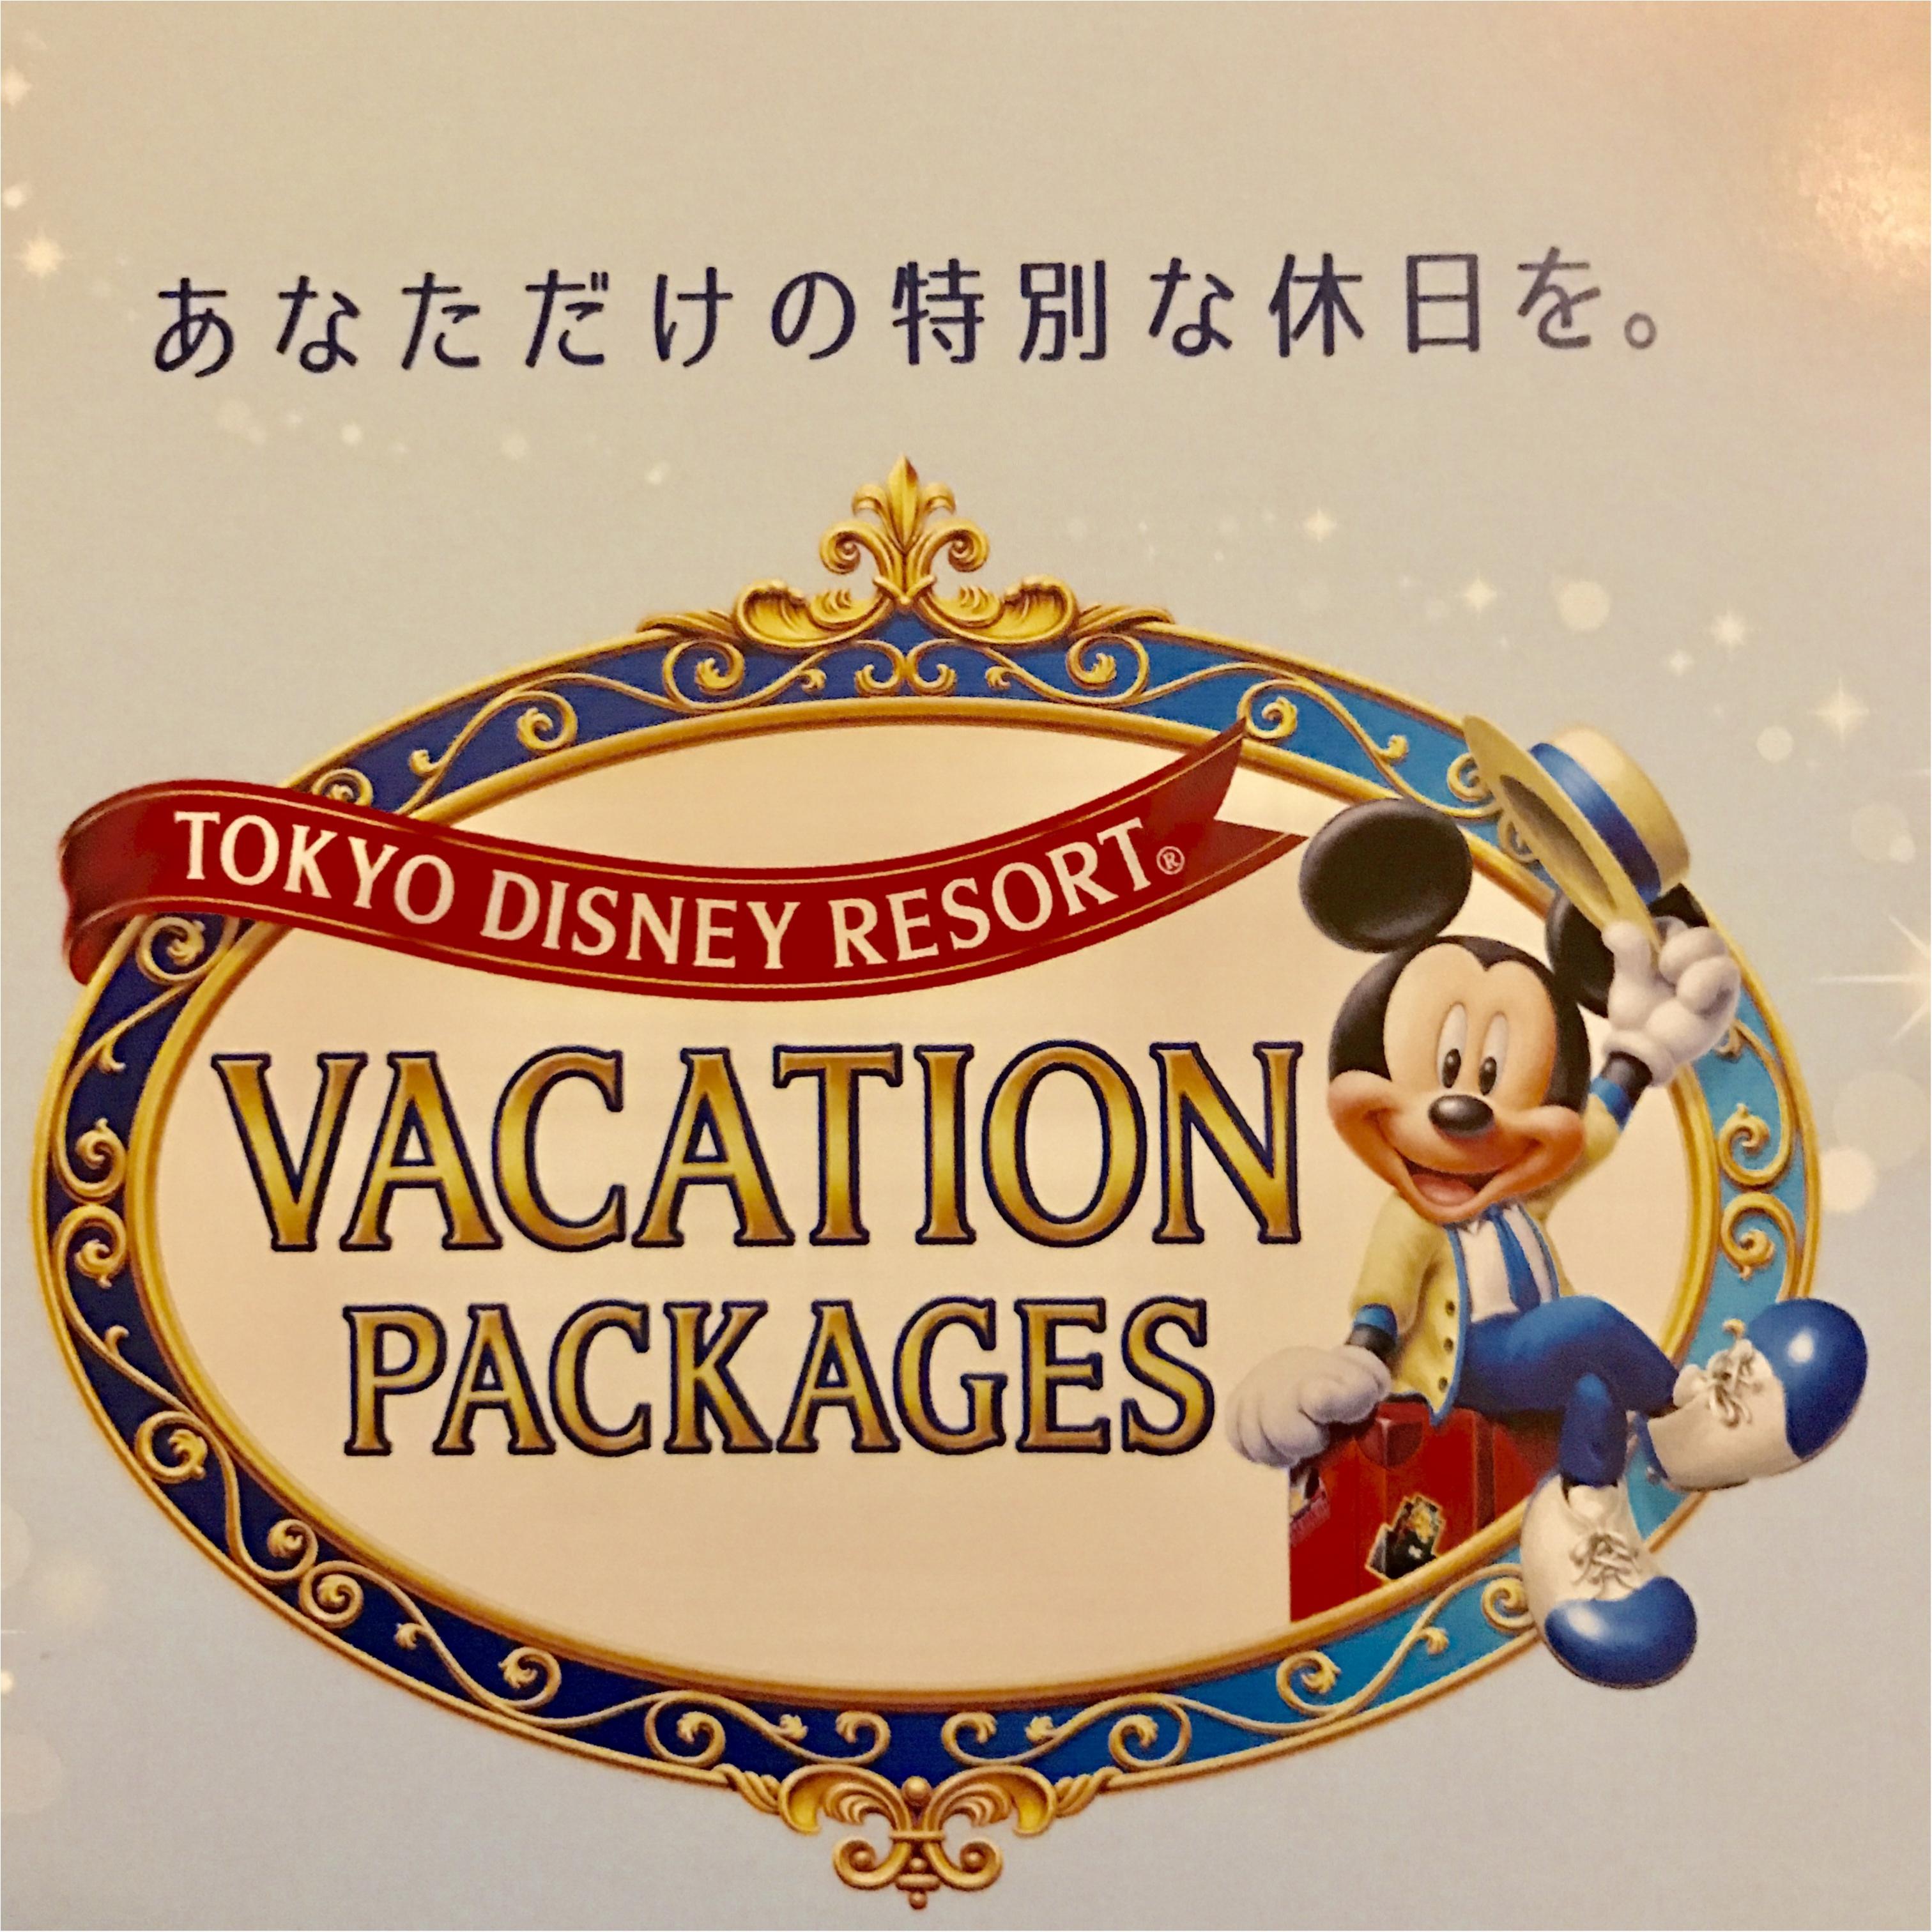 【夢のお泊まりディズニー♡】大満足の《バケーションパッケージ》の中身を大公開☆_1